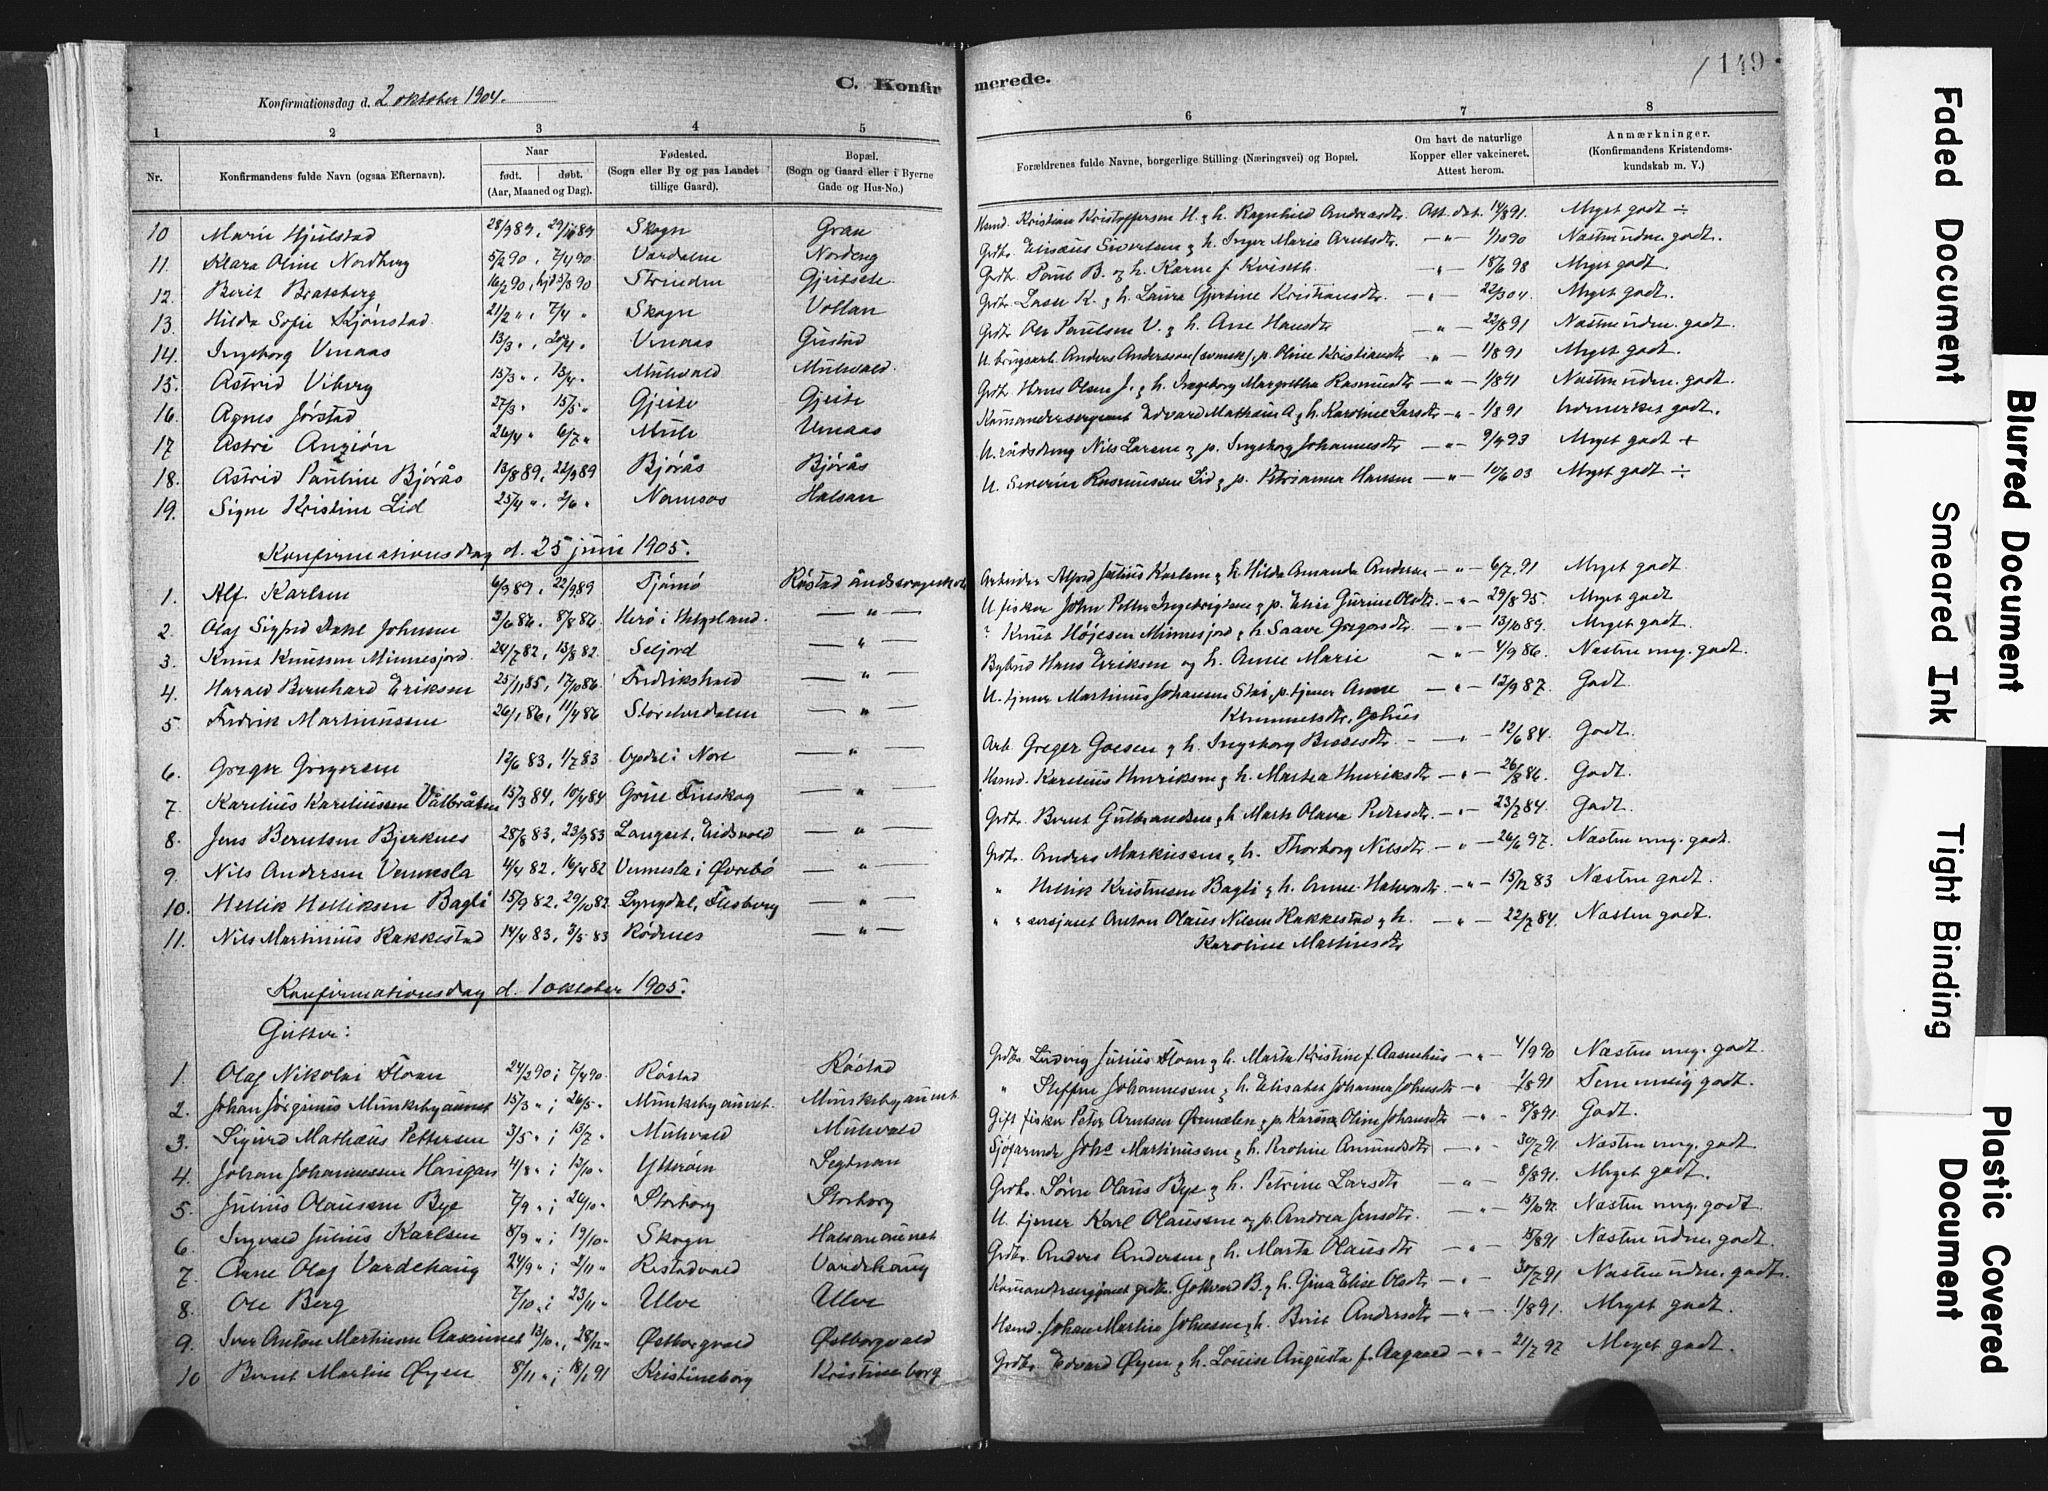 SAT, Ministerialprotokoller, klokkerbøker og fødselsregistre - Nord-Trøndelag, 721/L0207: Ministerialbok nr. 721A02, 1880-1911, s. 149